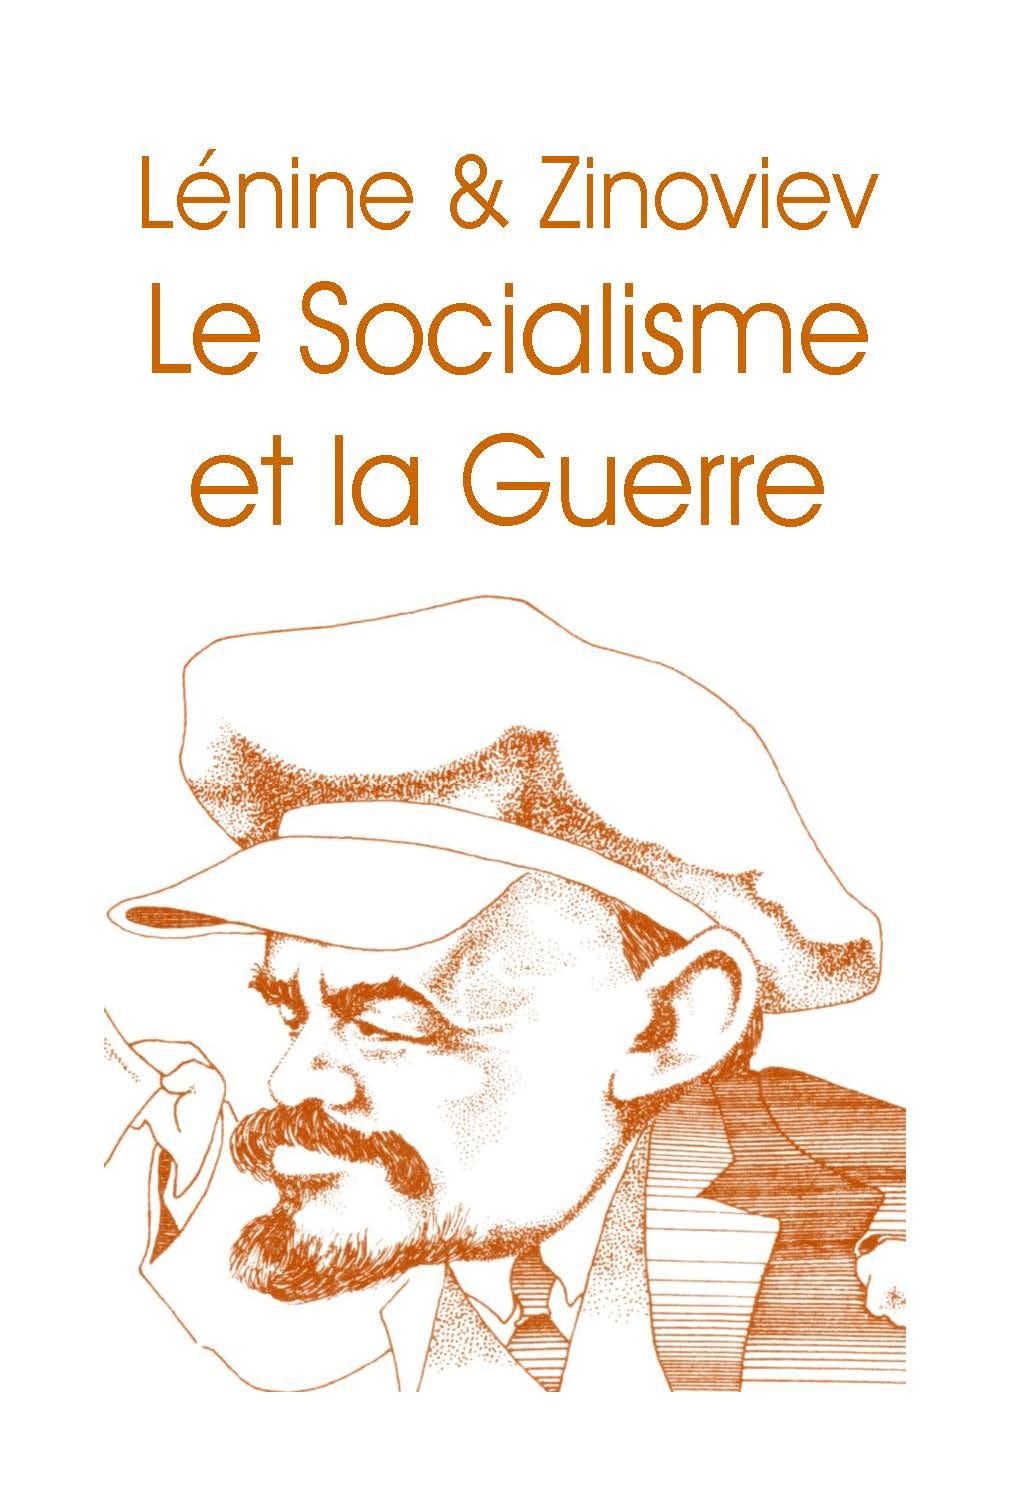 Le socialisme et la guerre